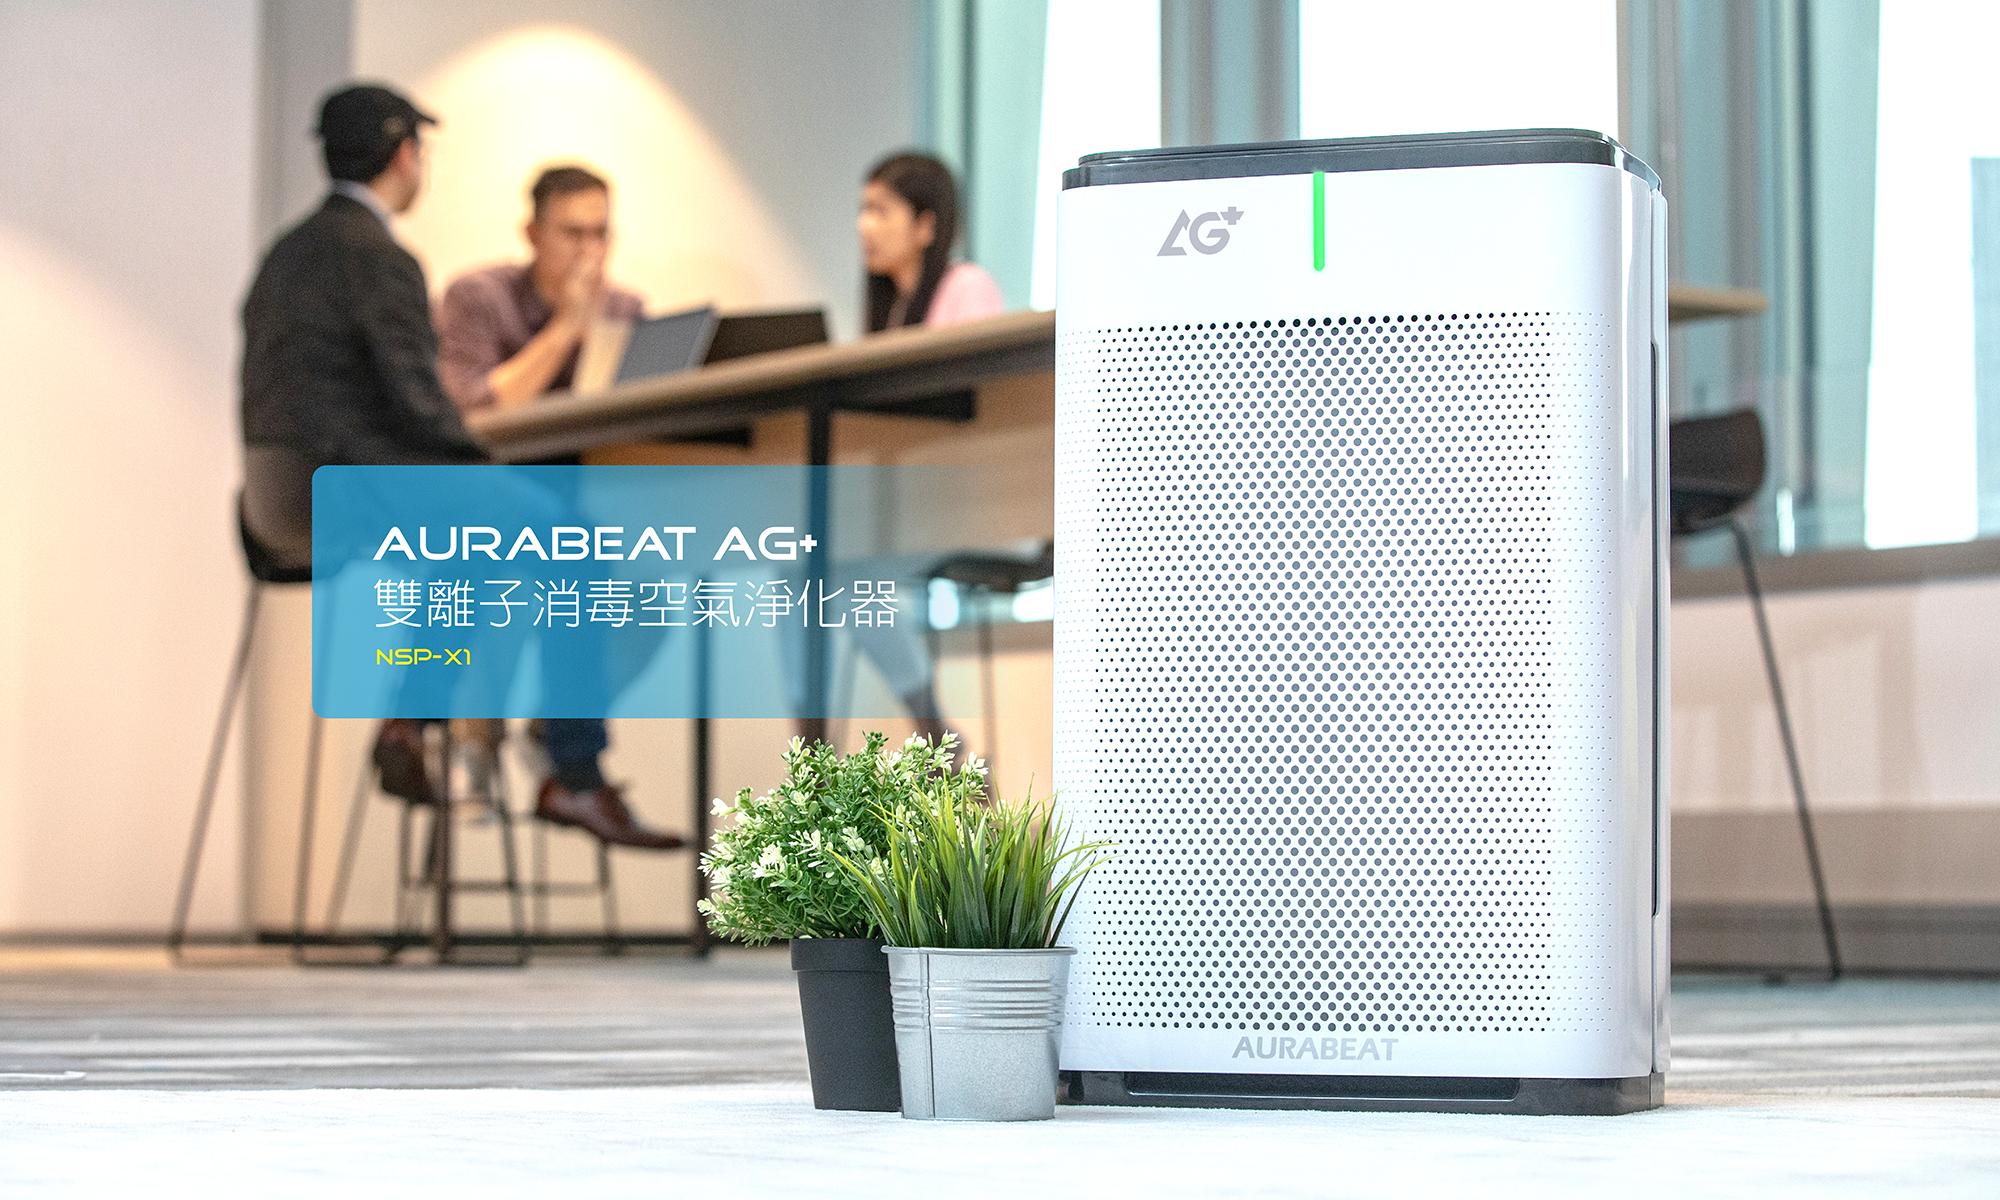 Image of AuraBeat AGplus